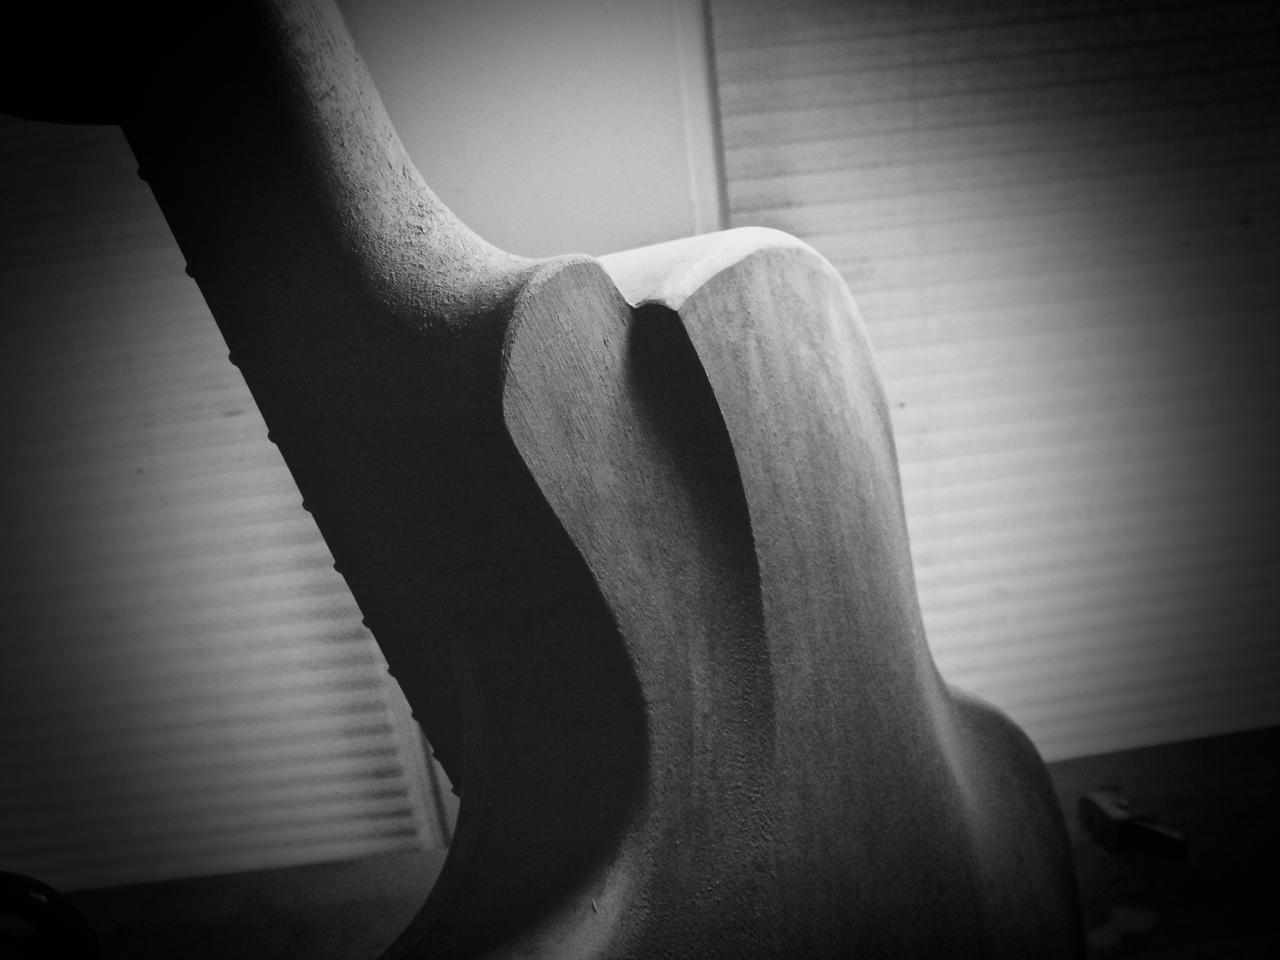 Heel Curving - 1